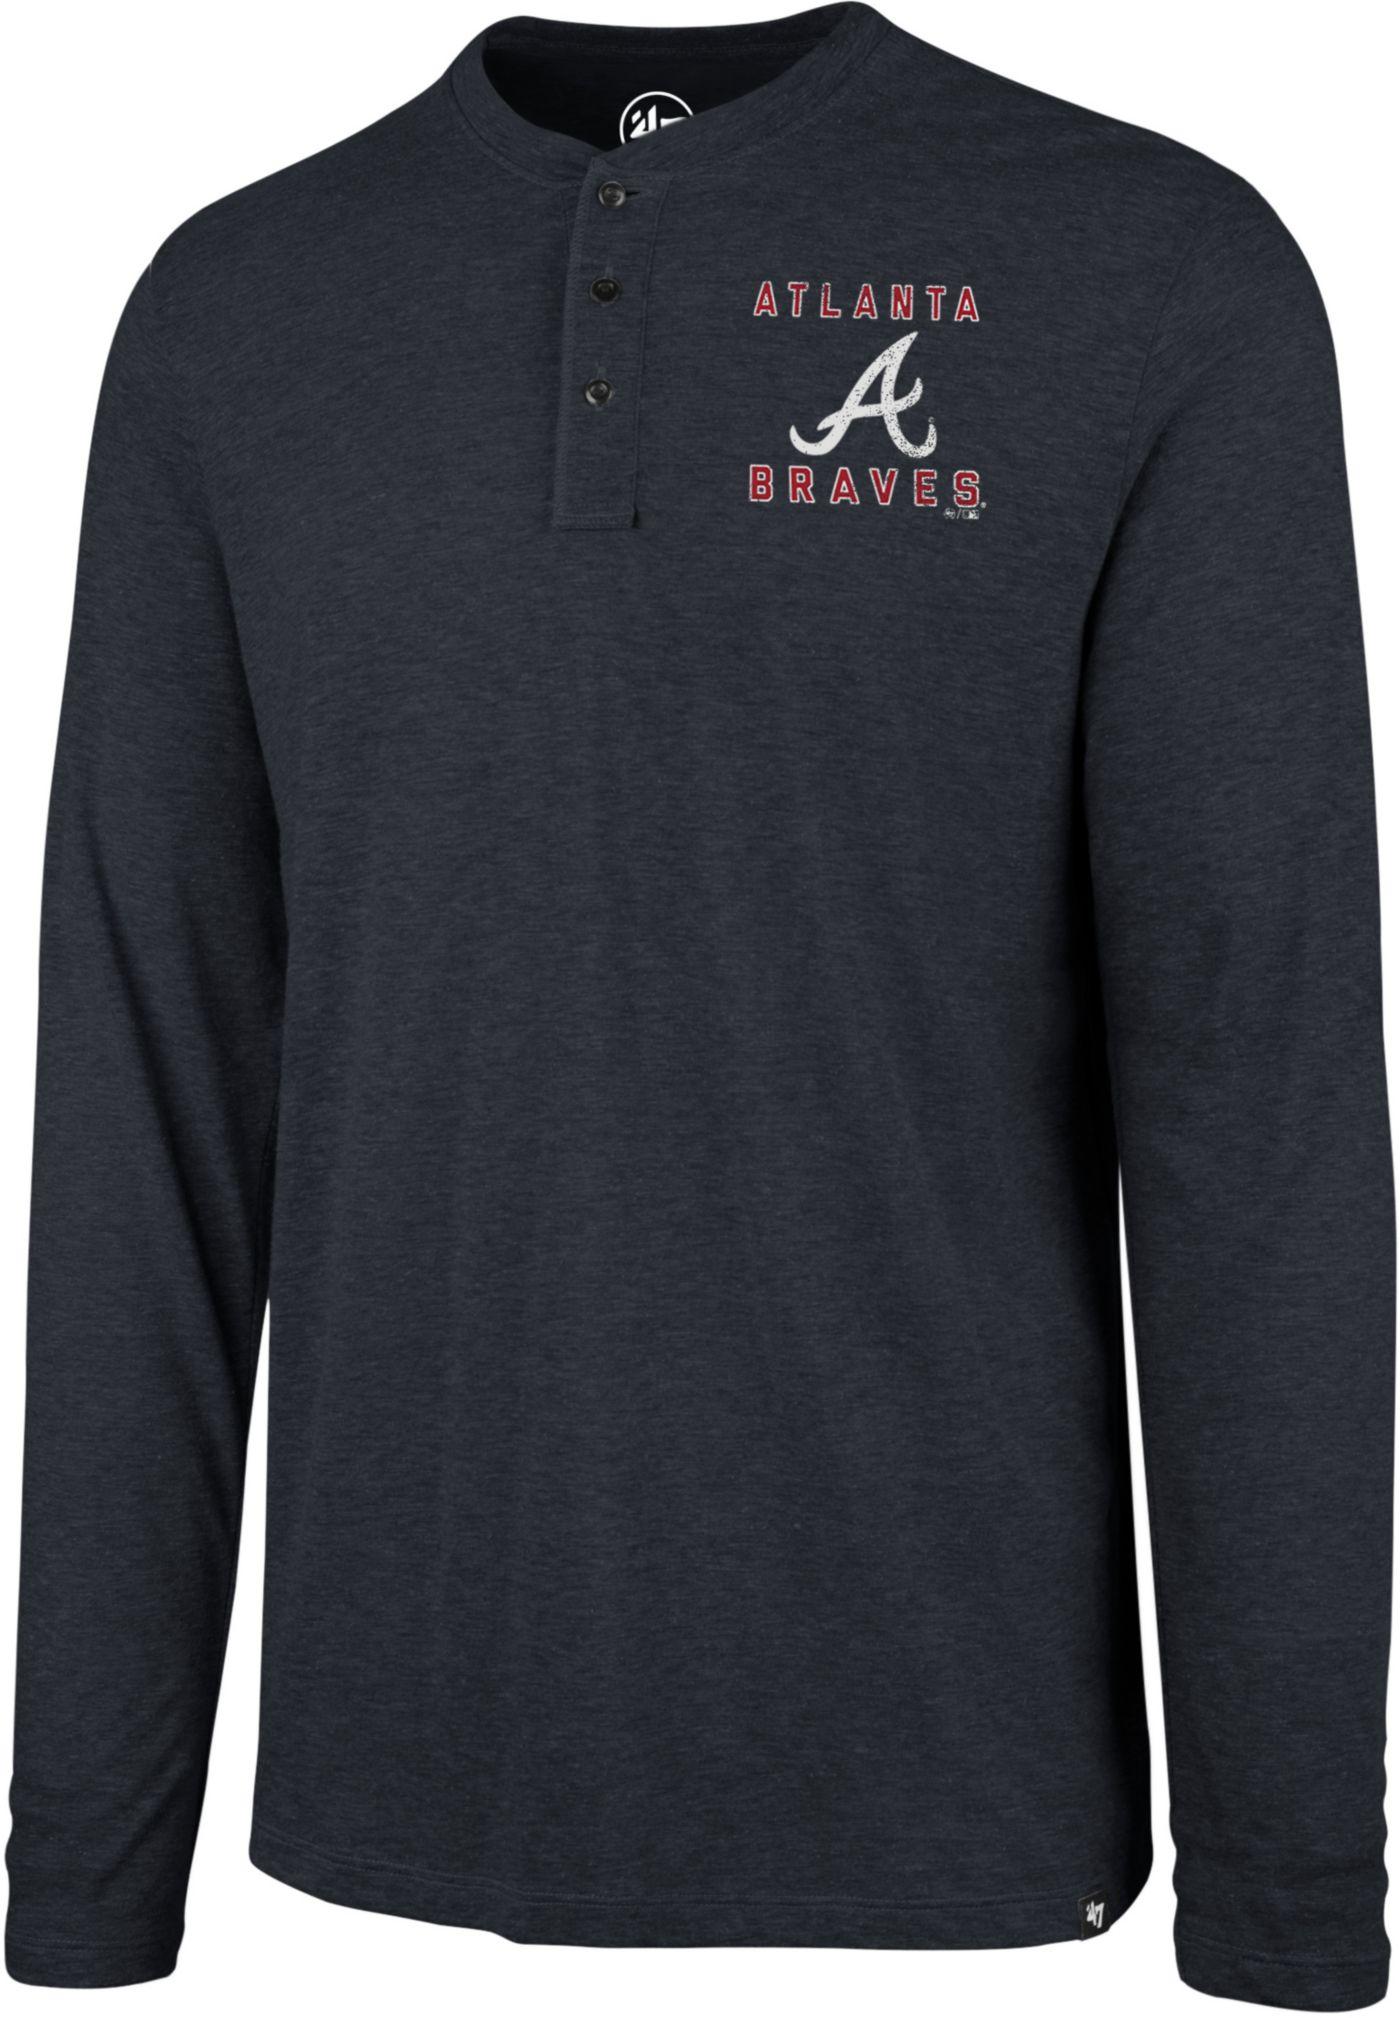 '47 Men's Atlanta Braves Henley Long Sleeve Shirt